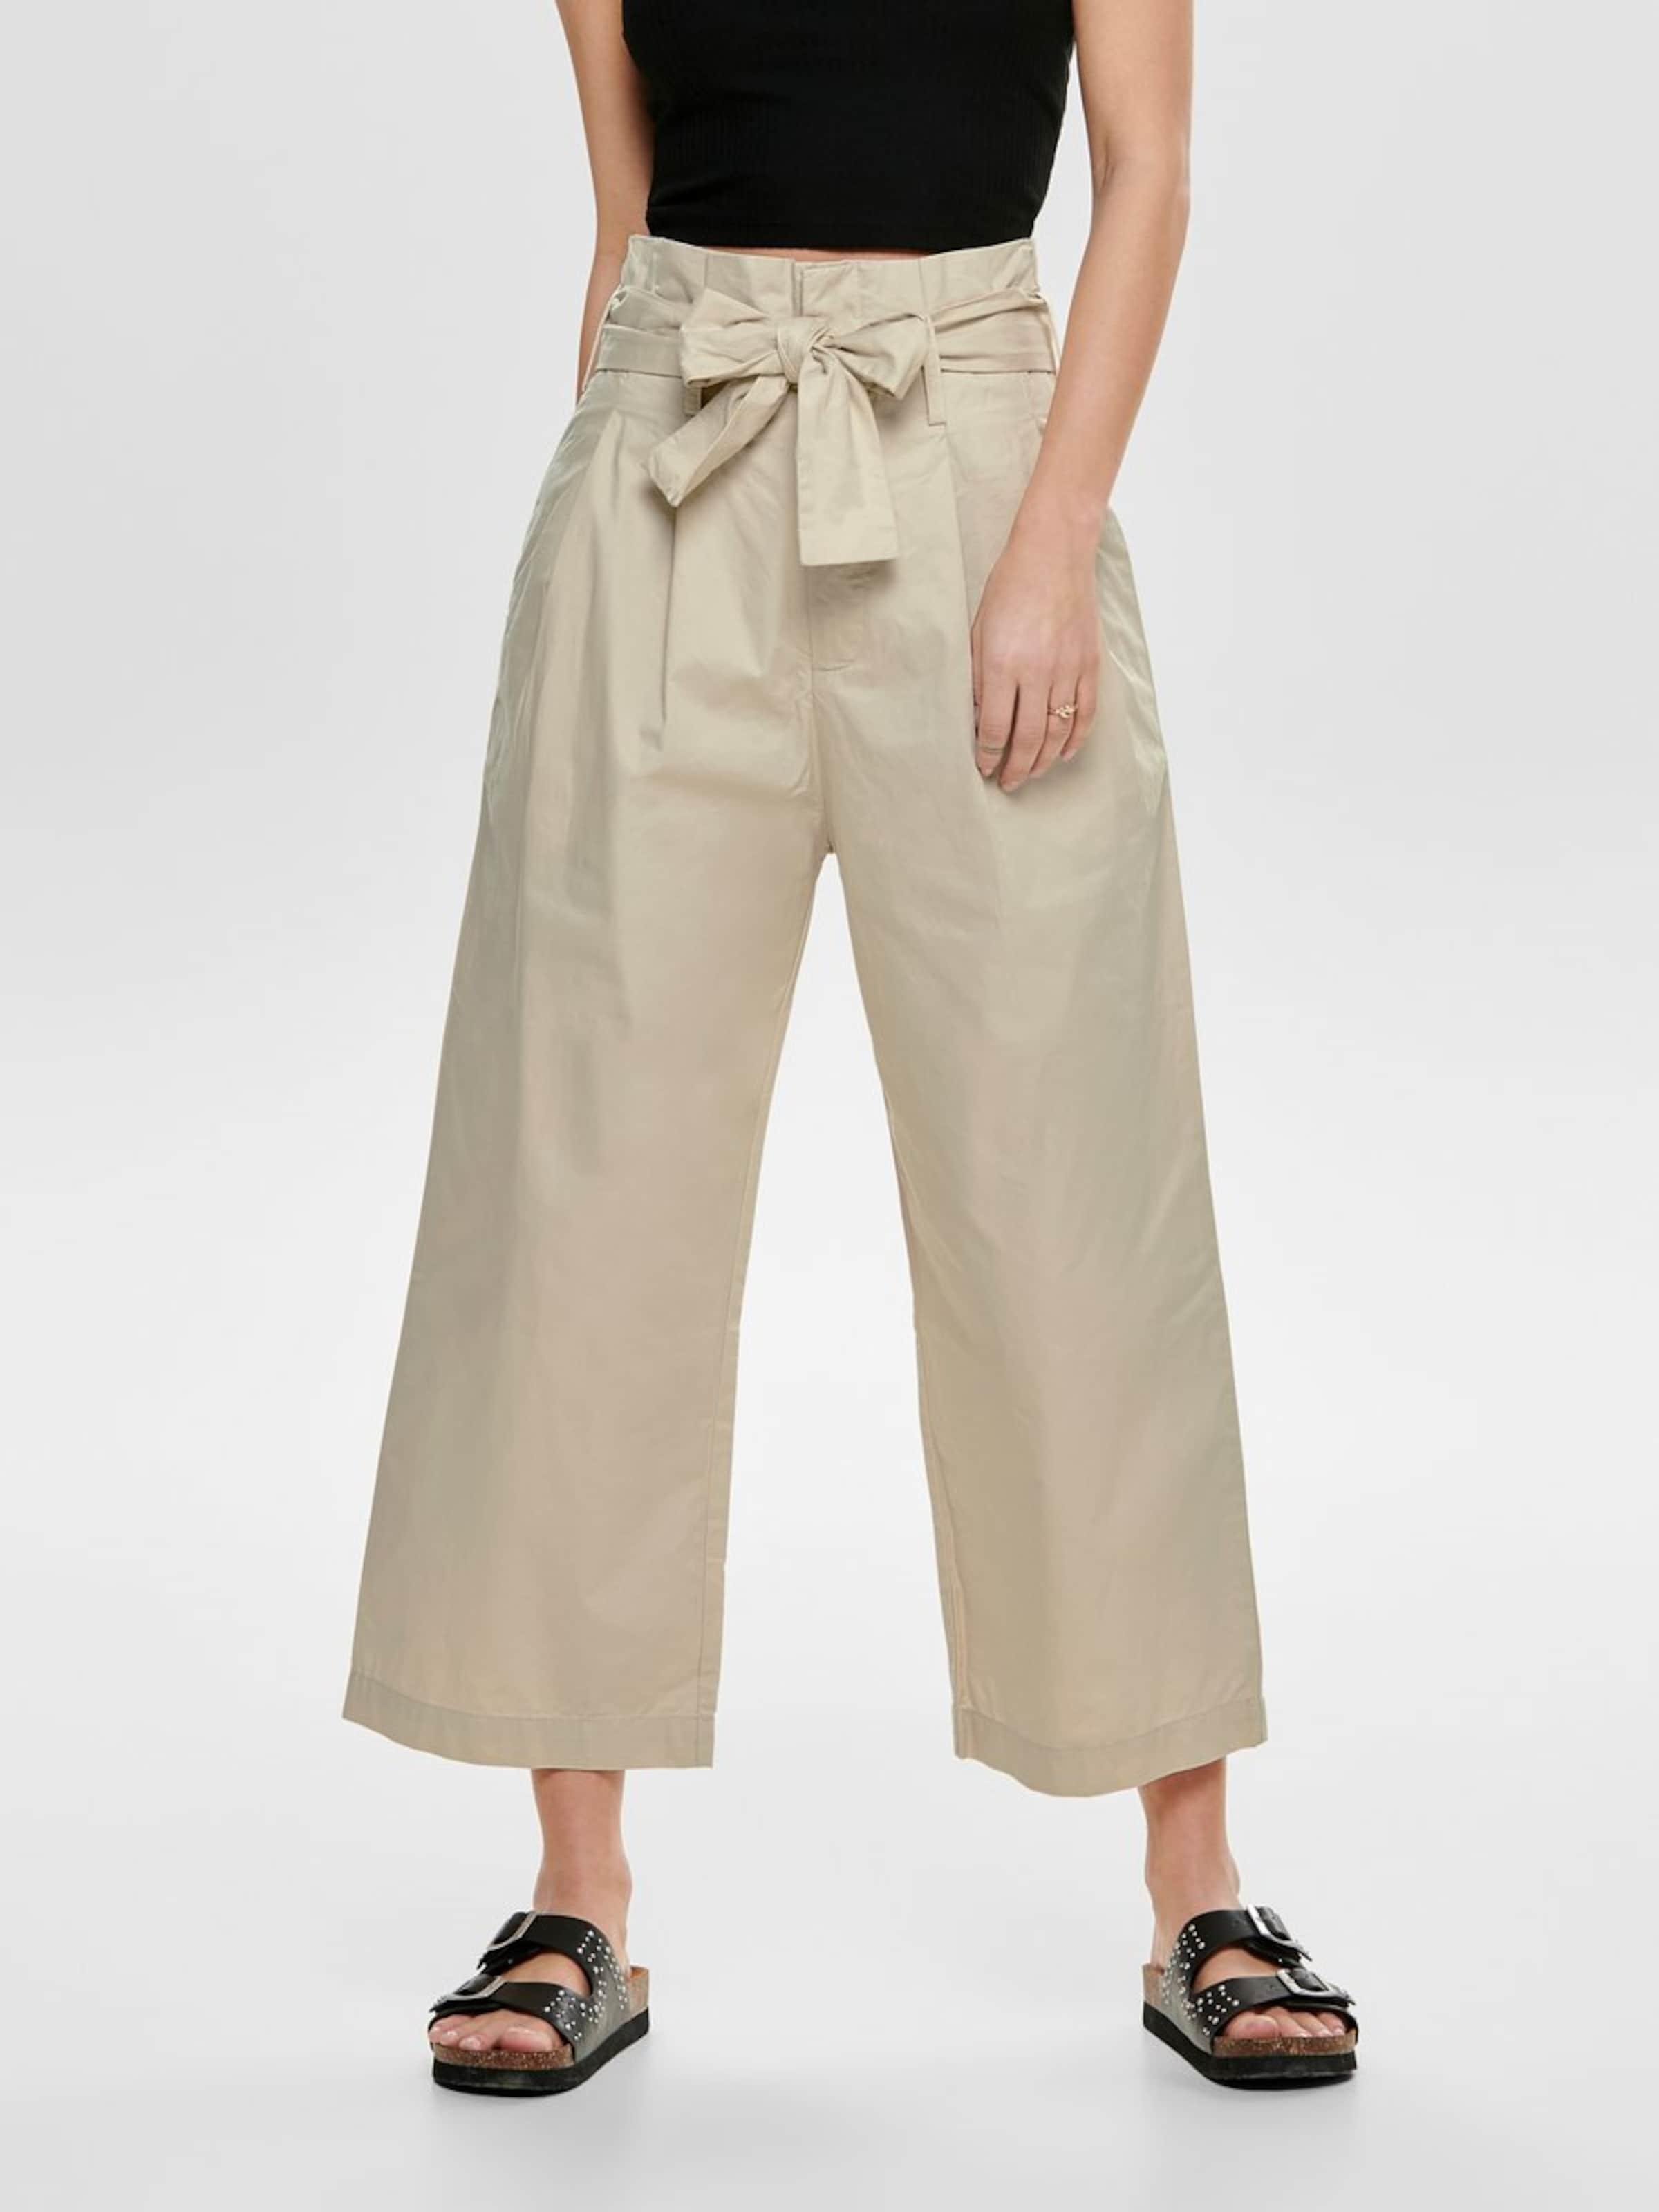 Pantalon En Jacqueline Yong De Noir rQxhdtsCB